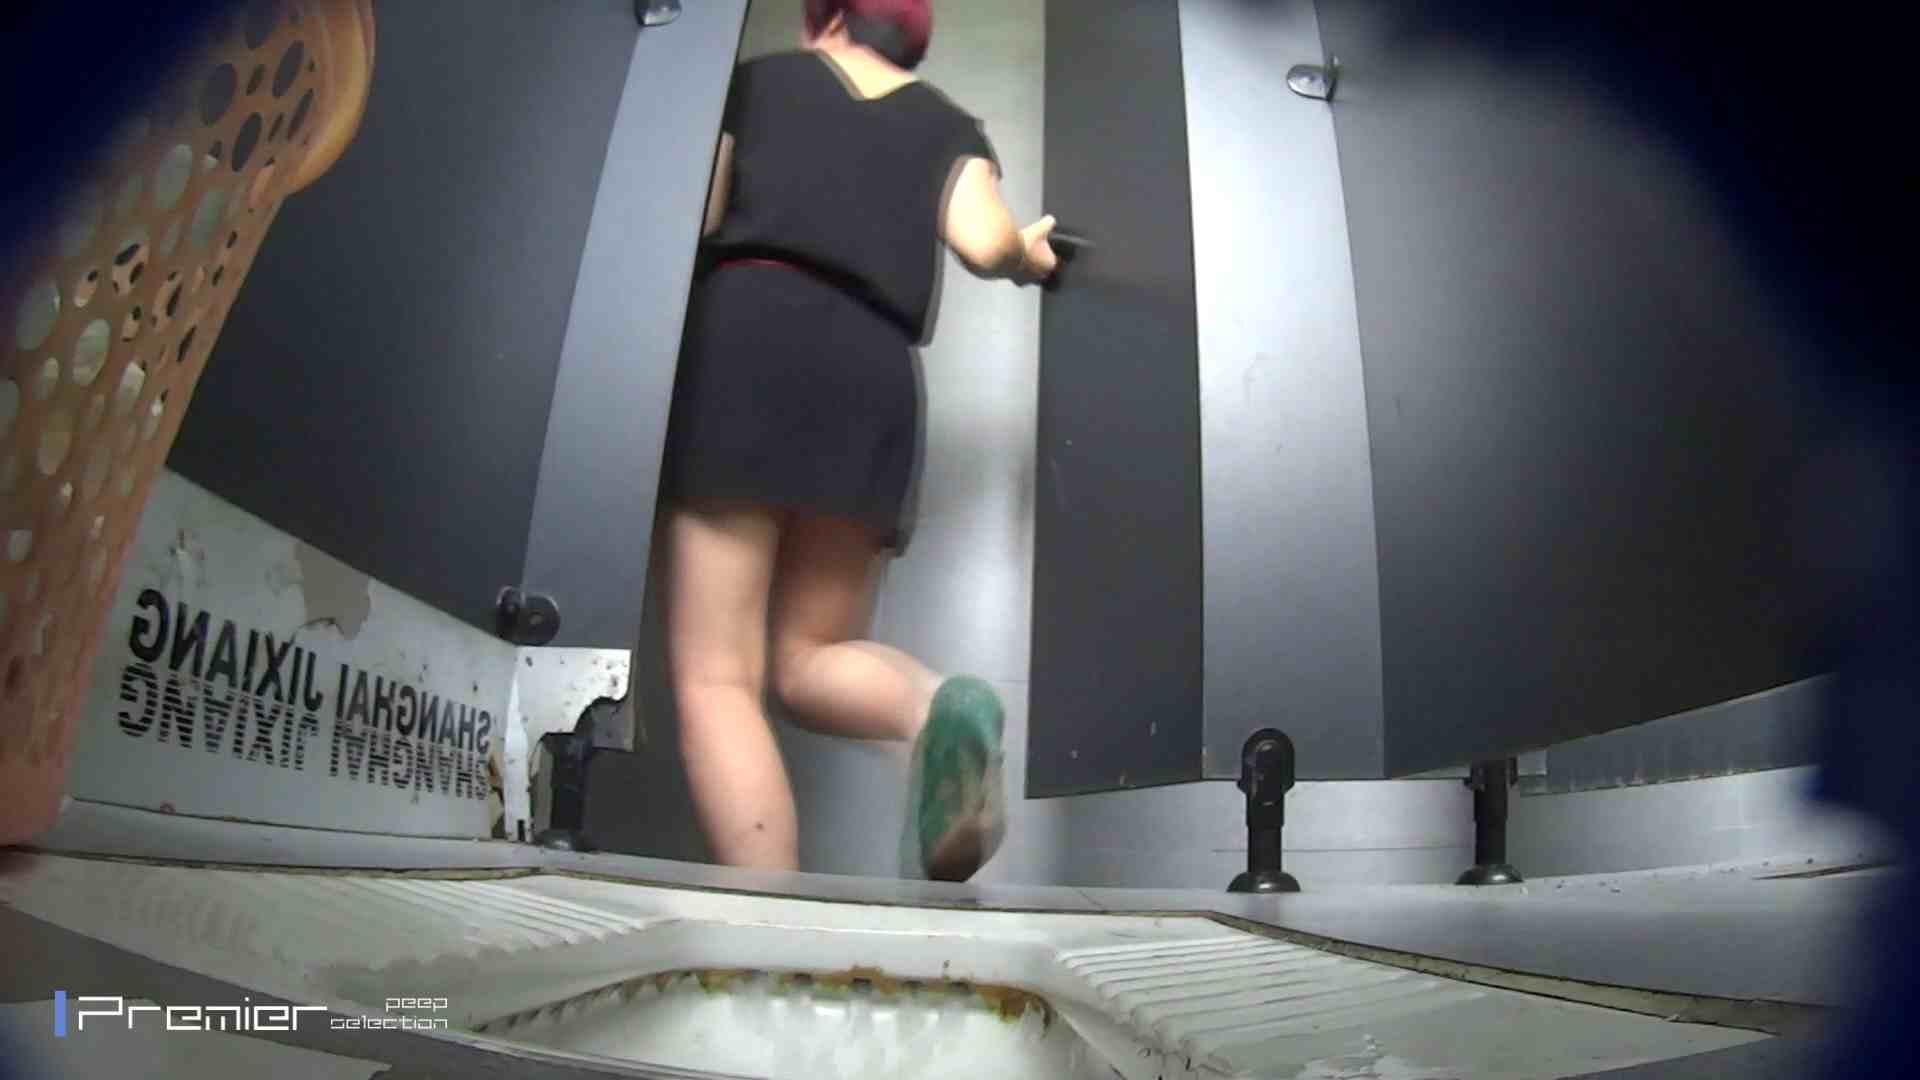 びゅーっと!オシッコ放出 大学休憩時間の洗面所事情47 ギャル攻め エロ画像 104画像 35